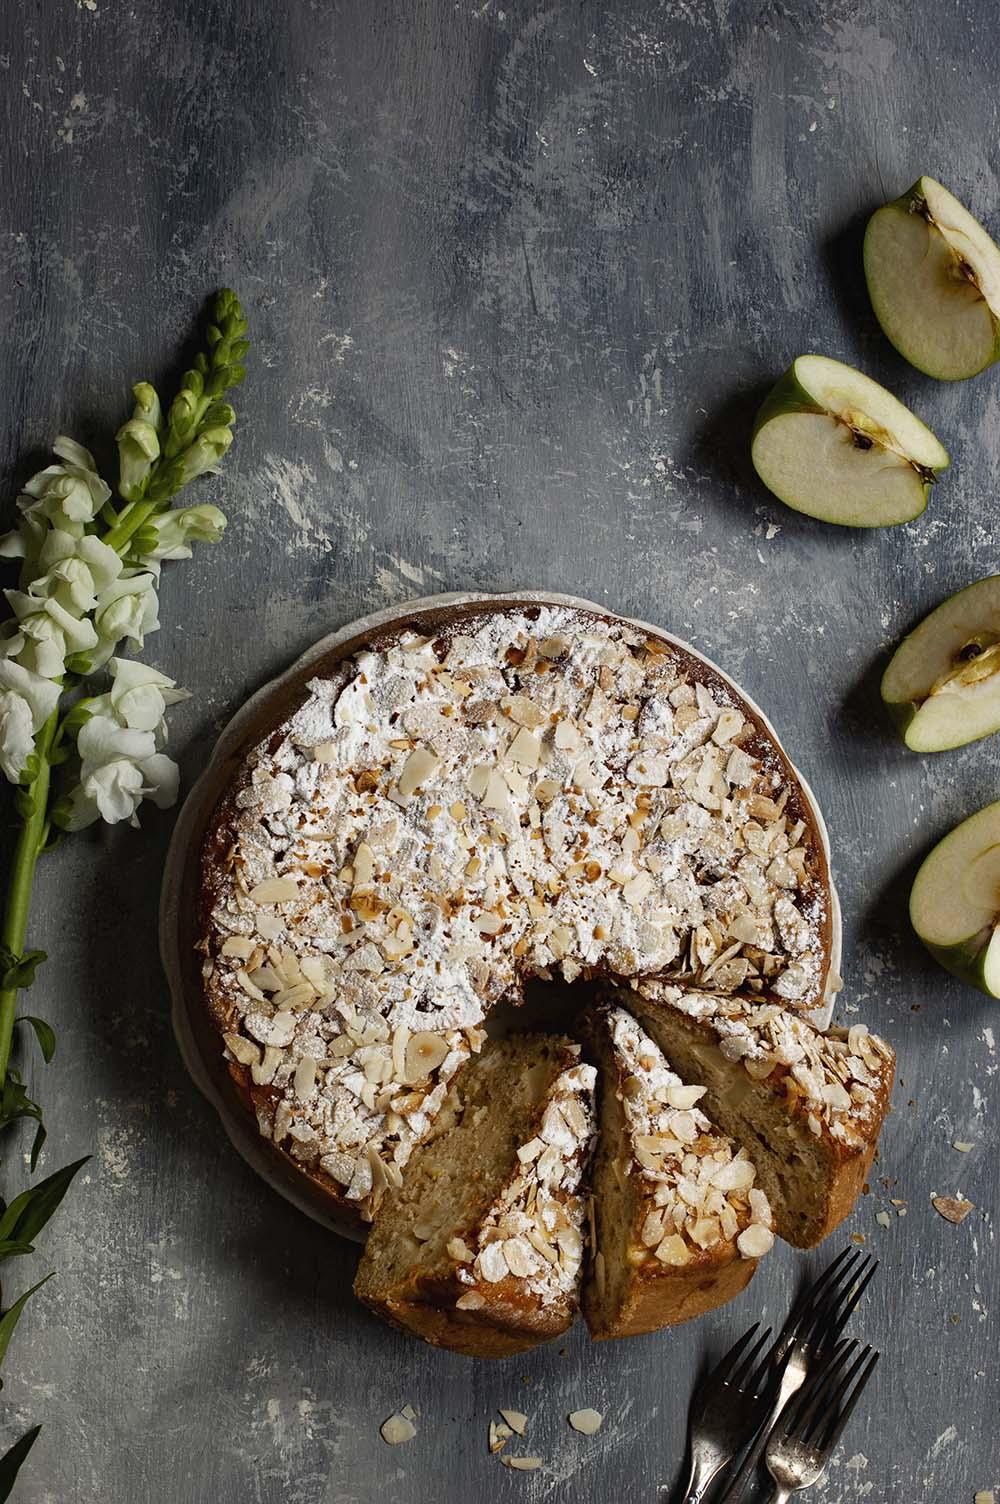 fotografia de tarta de manzana rustica